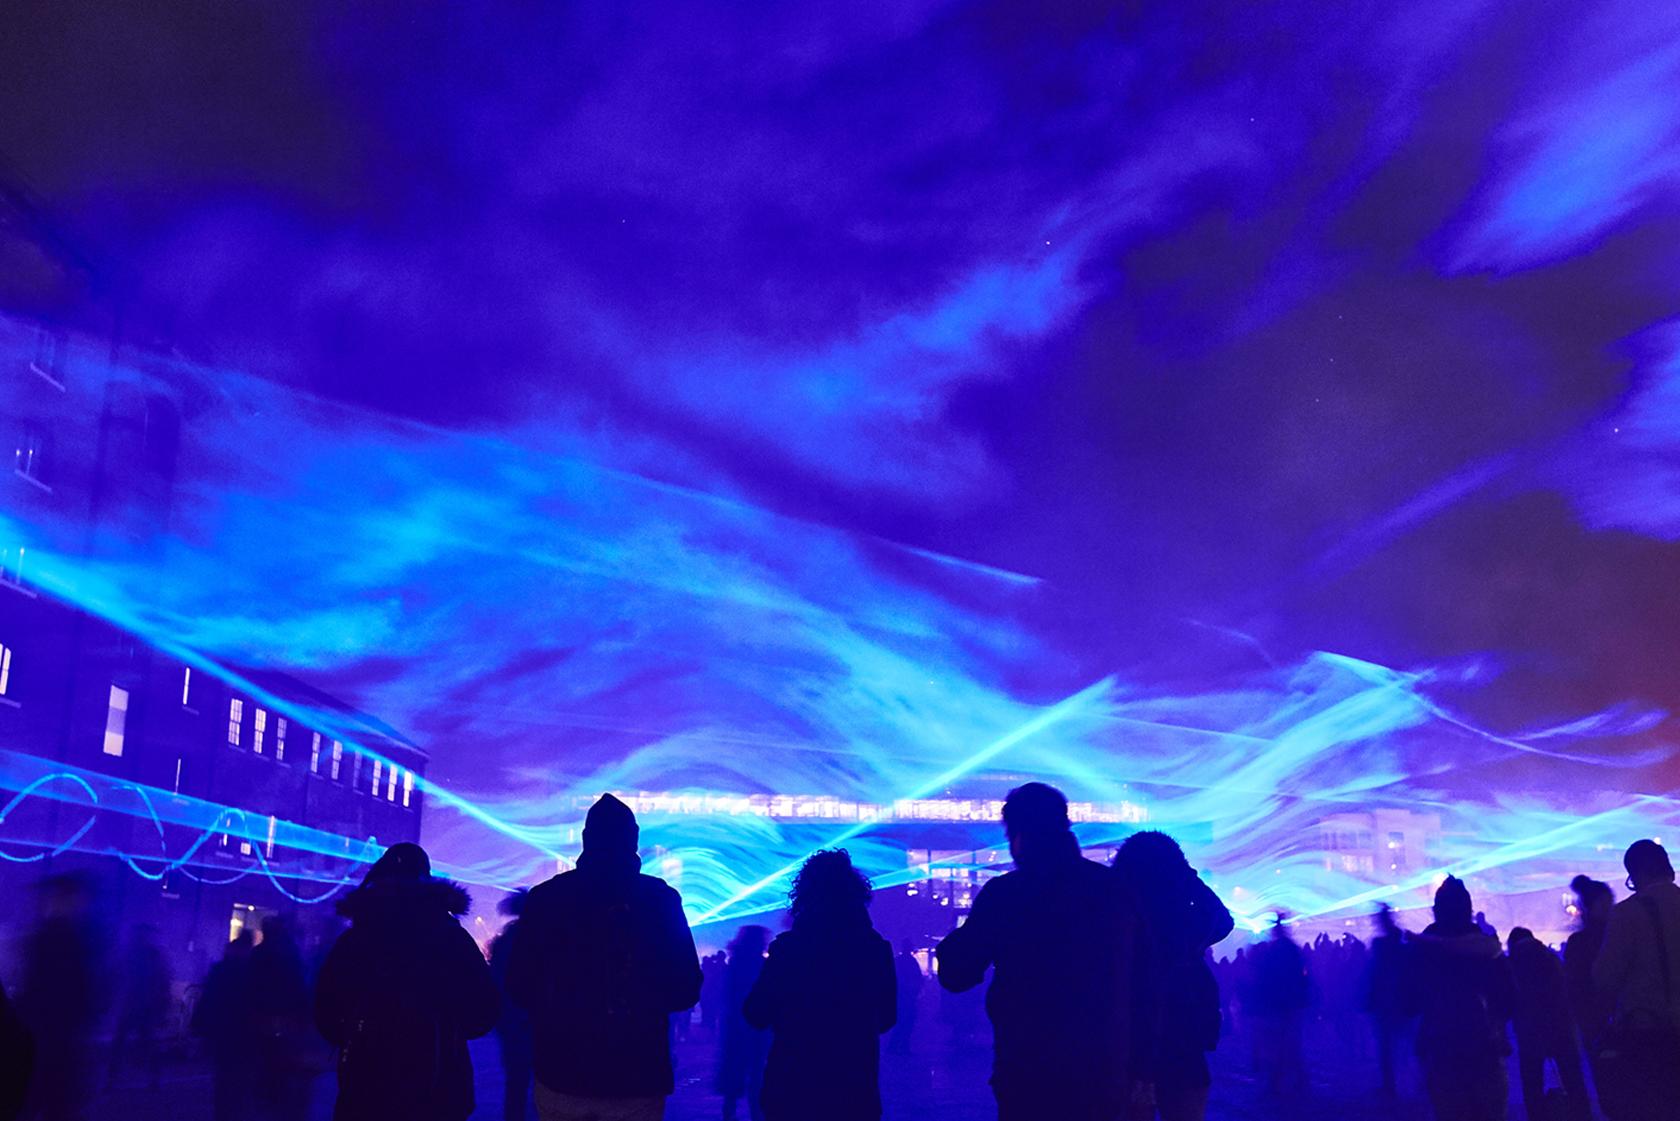 Waterlicht, Daan Roosegaarde . Photo by Matthew Andrews